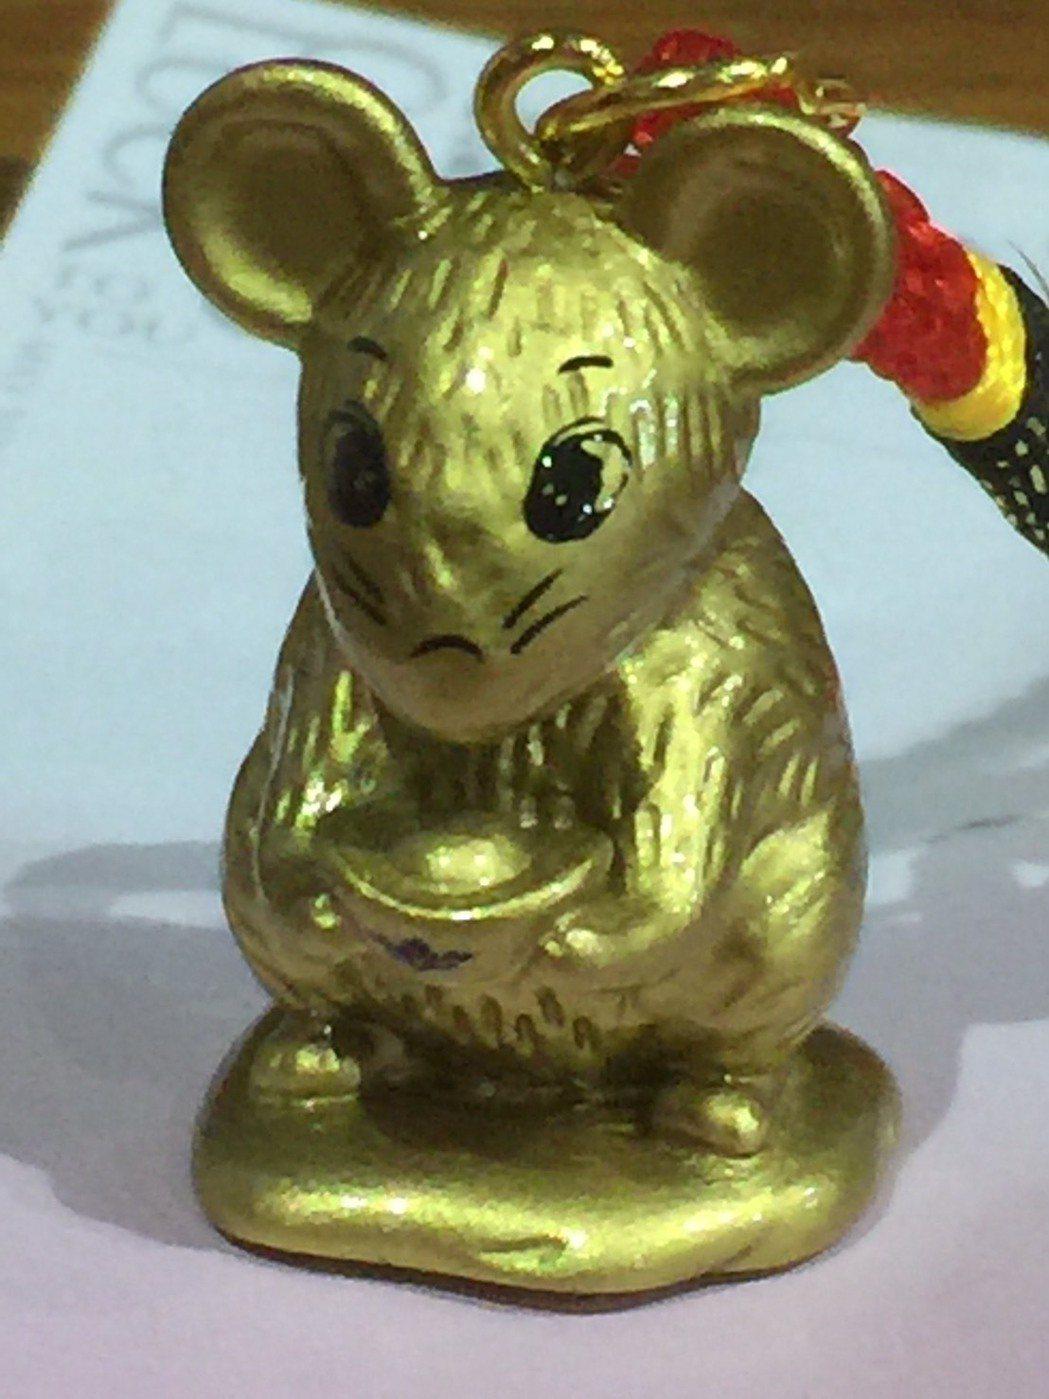 位在台南市中西區的祀典大天后宮,今年準備200組「金鼠公仔」要送給搶頭香的信眾。...